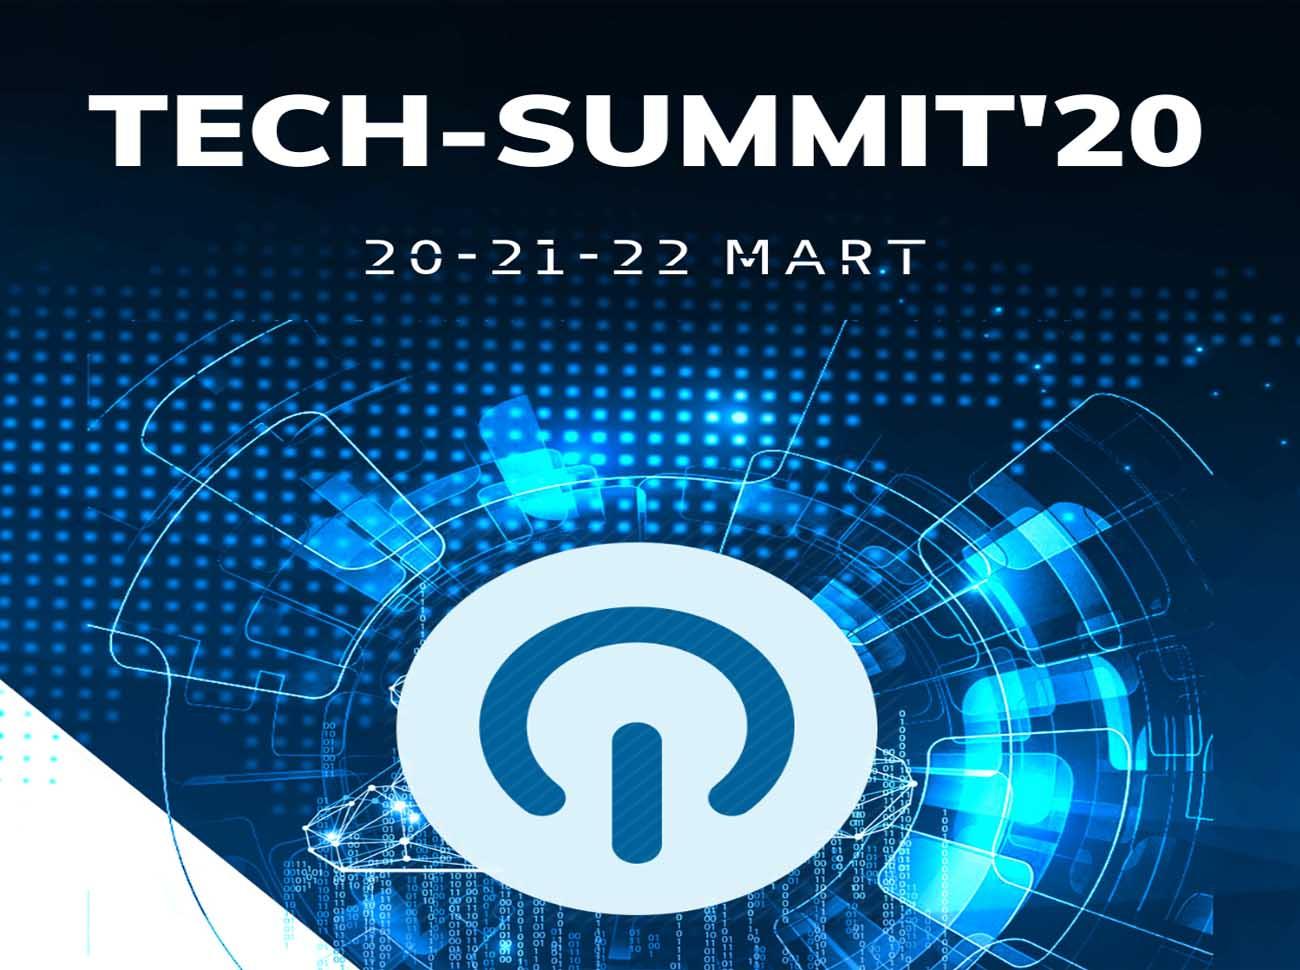 Tech Summit 2020 Koç Üniversitesi'nde Gerçekleştirilecek